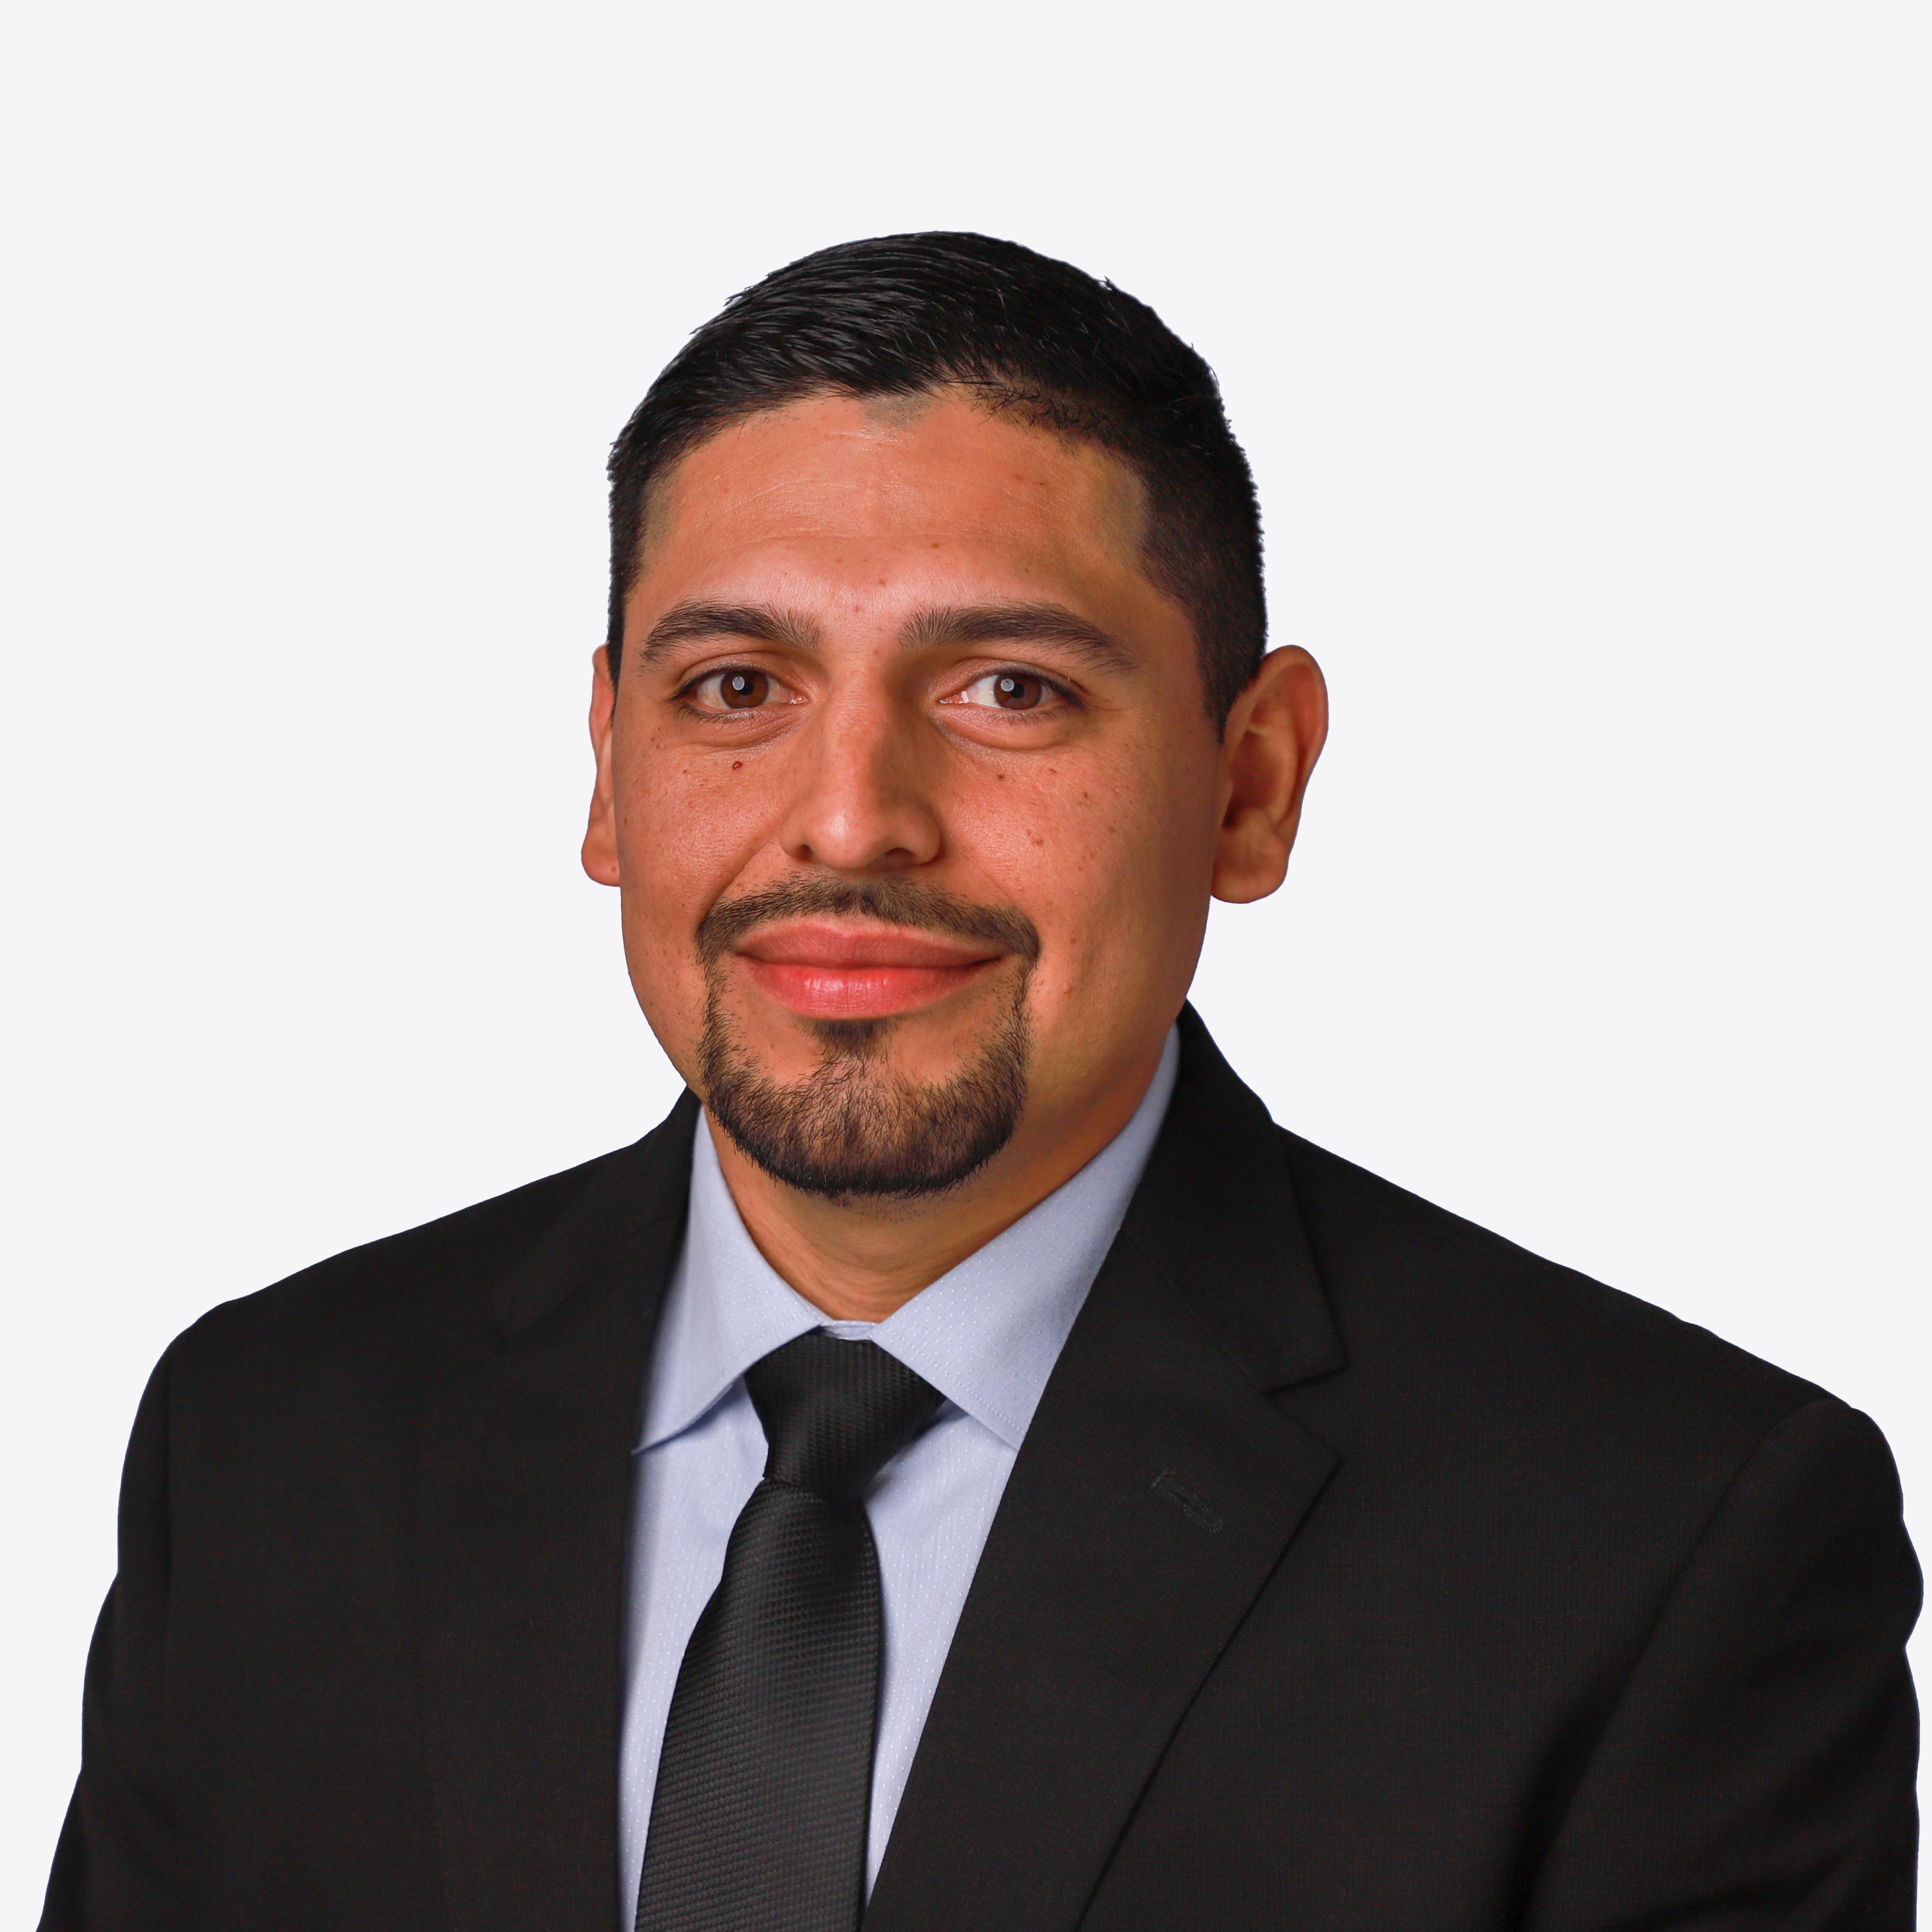 Walter Espinoza